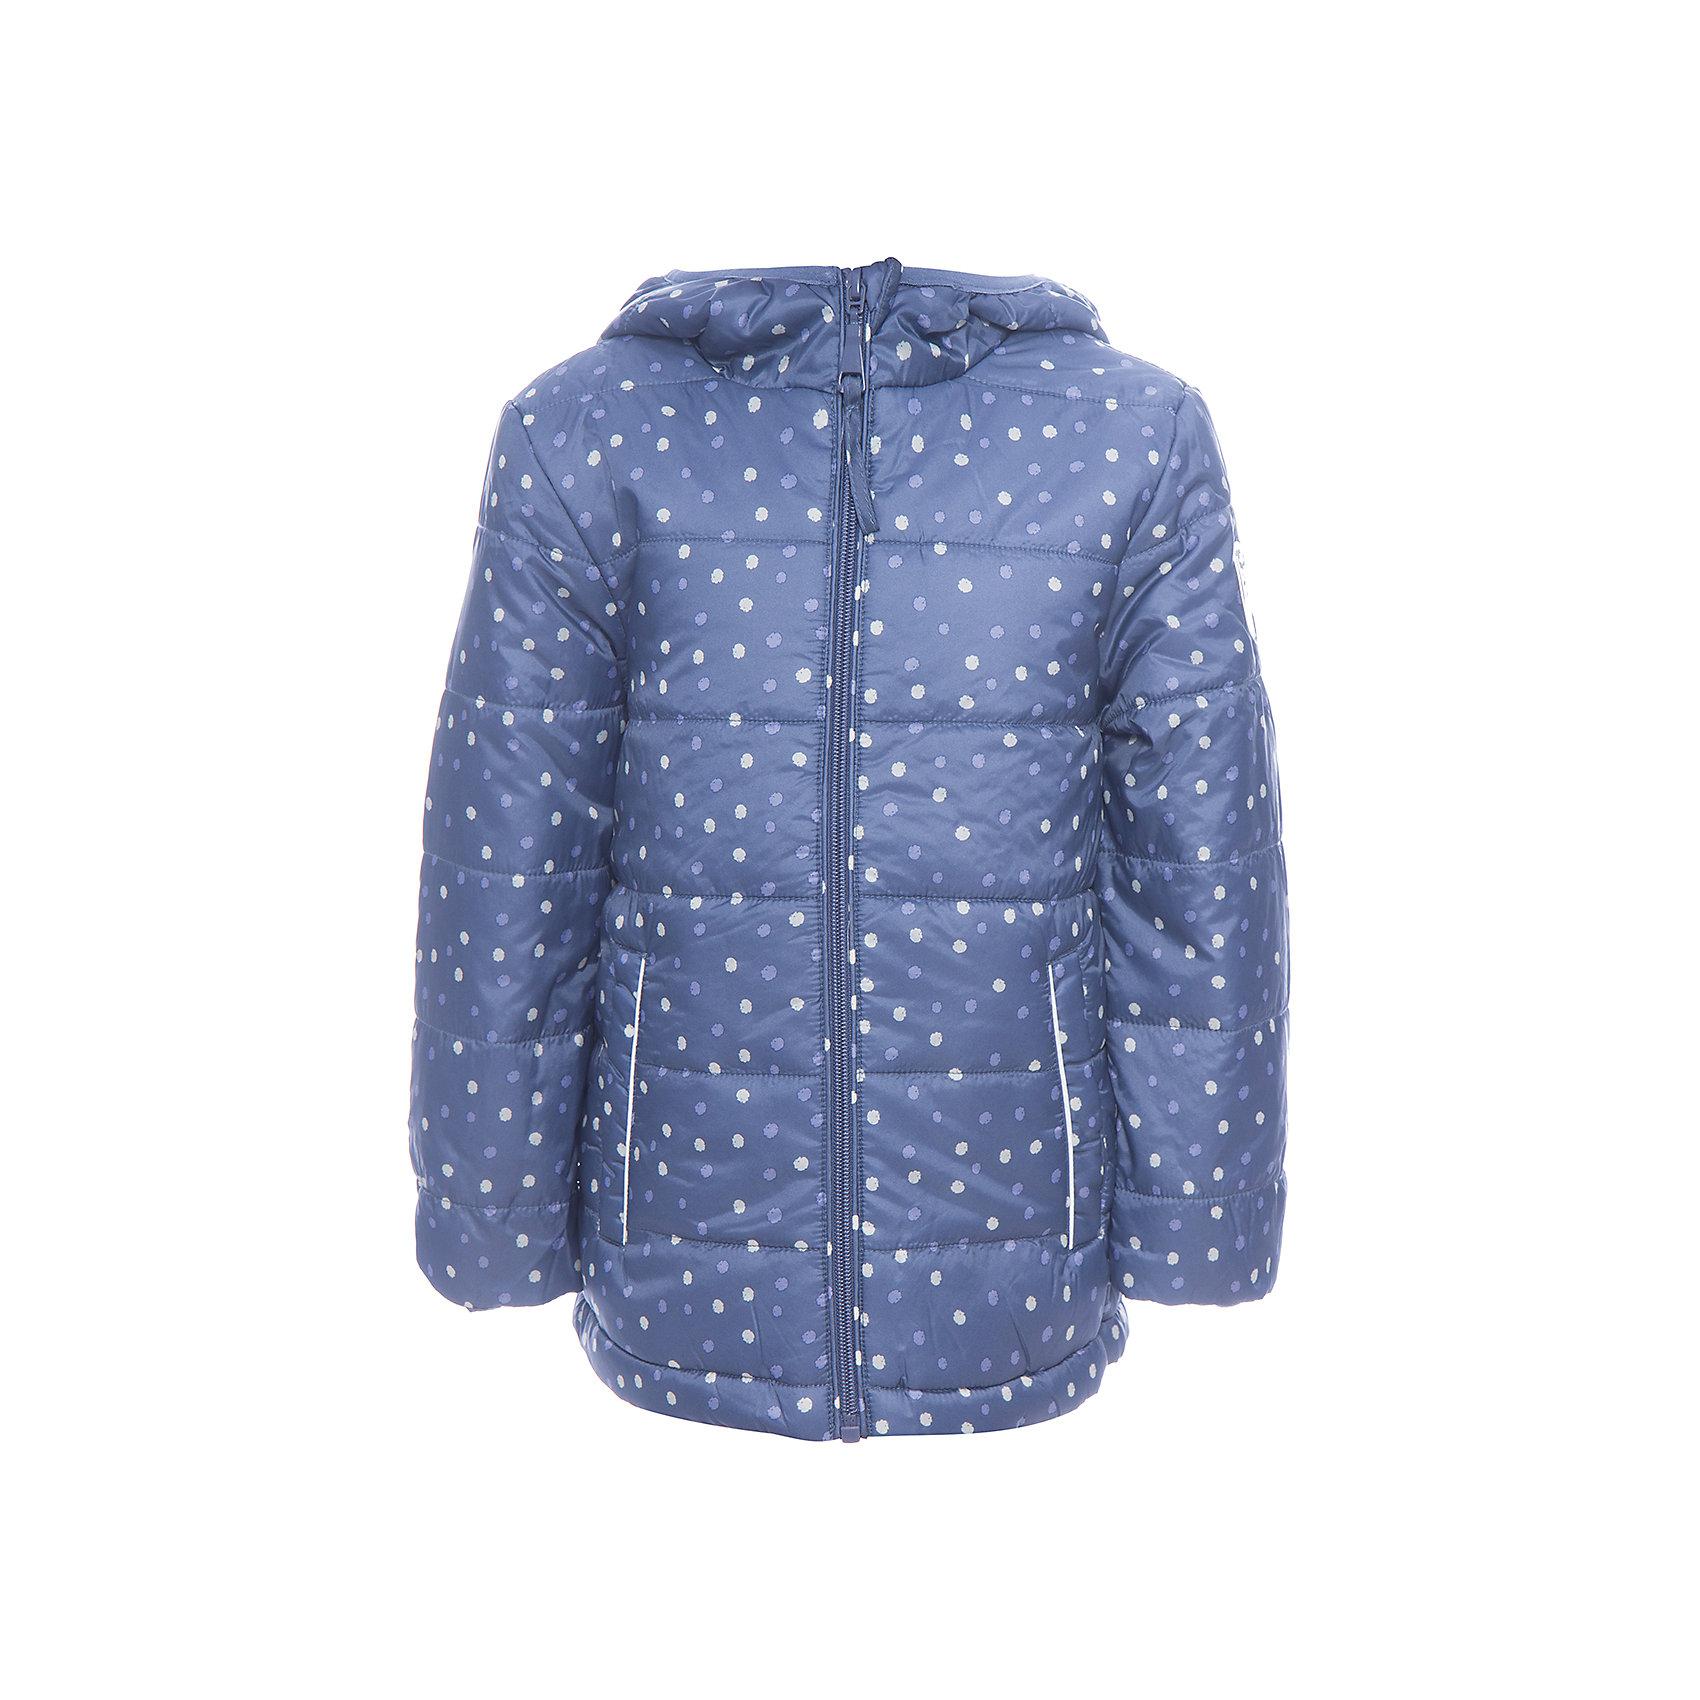 Куртка SELA для девочкиВерхняя одежда<br>Характеристики товара:<br><br>• цвет: фиолетовый<br>• ткань верха: 100% полиэстер<br>• подкладка: 100% полиэстер<br>• утеплитель: 100% полиэстер<br>• сезон: демисезон<br>• температурный режим: от +5 до -10С<br>• особенности куртки: на молнии, стеганая<br>• капюшон: без меха, несъемный<br>• застежка: молния<br>• страна бренда: Исполиамидния<br>• страна изготовитель: Индия<br><br>Демисезонная детская куртка отлично подойдет для прохладной погоды. Чтобы обеспечить ребенку тепло и комфорт можно надеть теплую куртку для девочки от Sela. Куртка для девочки Mayoral дополнена удобным капюшоном. Детская куртка сшита из качественного материала.<br><br>Куртку для девочки Sela (Села) можно купить в нашем интернет-магазине.<br><br>Ширина мм: 356<br>Глубина мм: 10<br>Высота мм: 245<br>Вес г: 519<br>Цвет: лиловый<br>Возраст от месяцев: 60<br>Возраст до месяцев: 72<br>Пол: Женский<br>Возраст: Детский<br>Размер: 116,98,104,110<br>SKU: 7032277